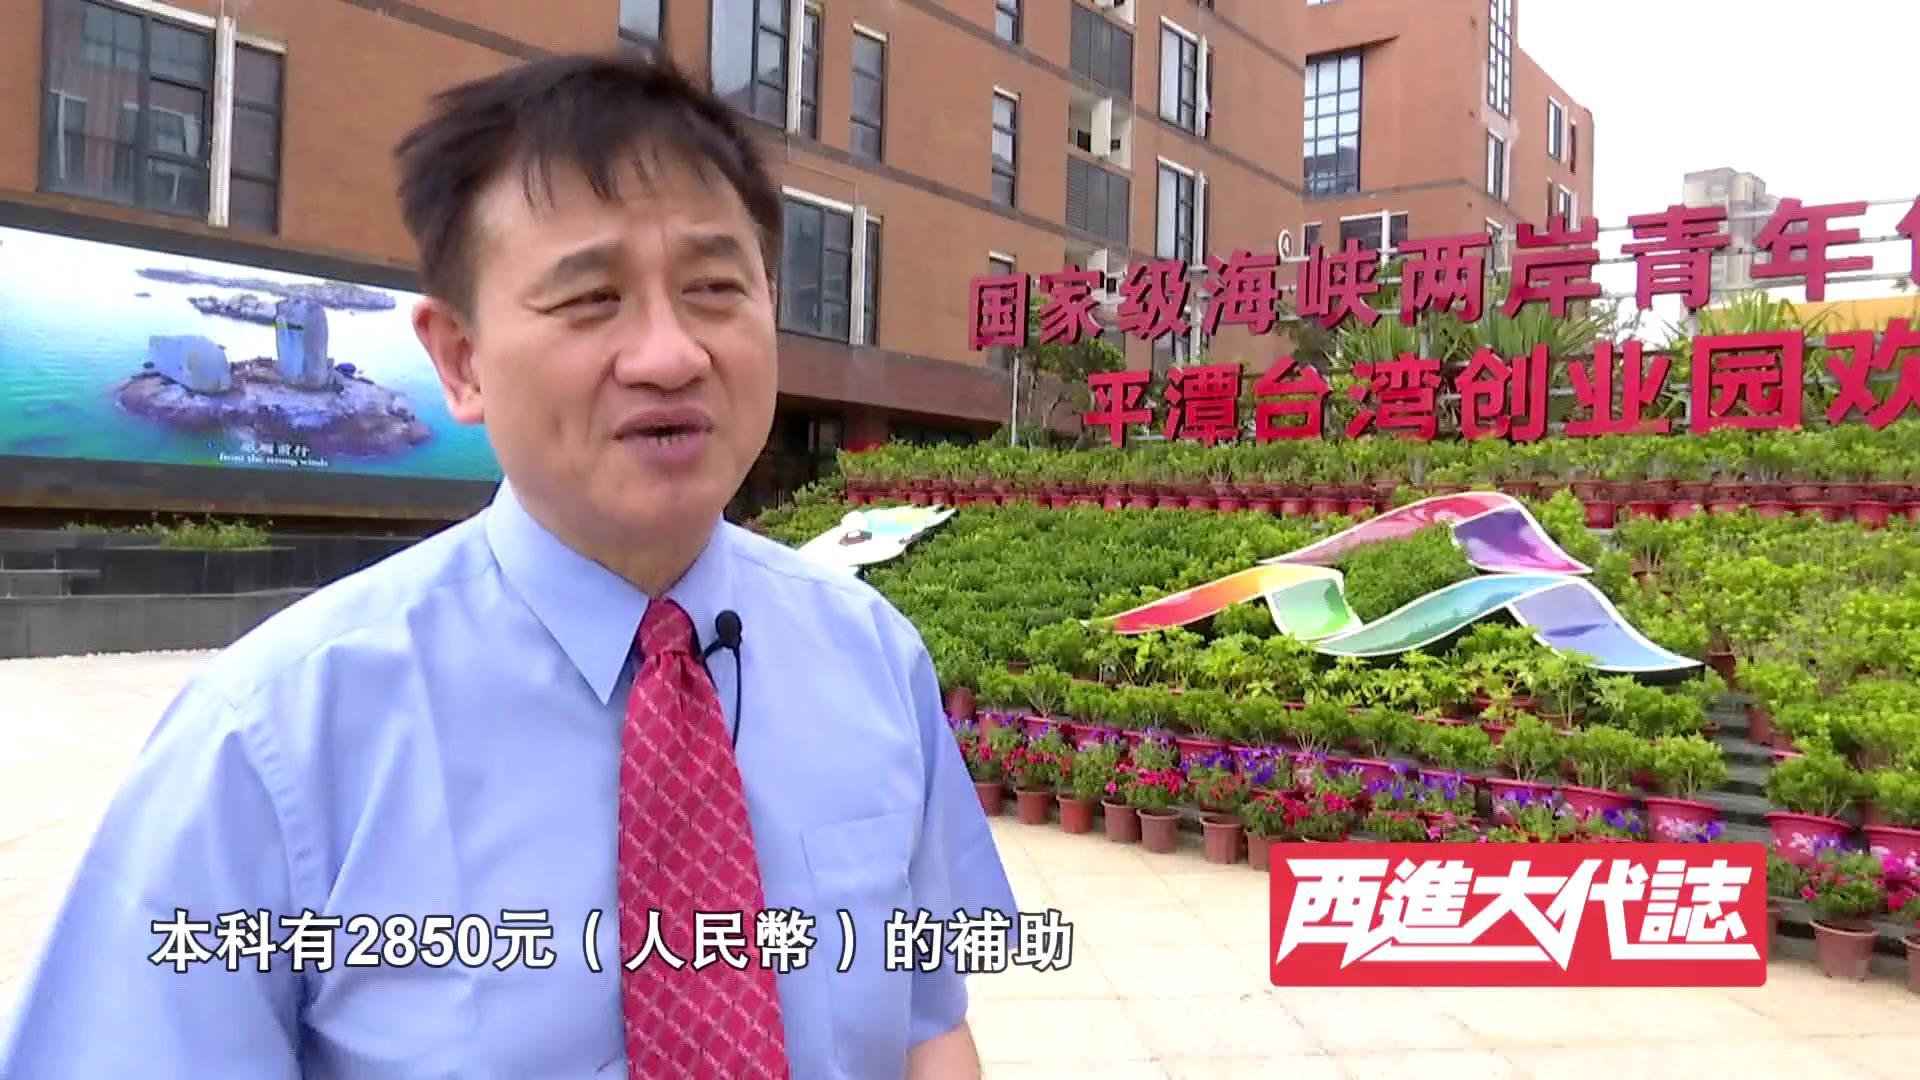 20.【西进大代志】平潭台商 陈孟邦图片